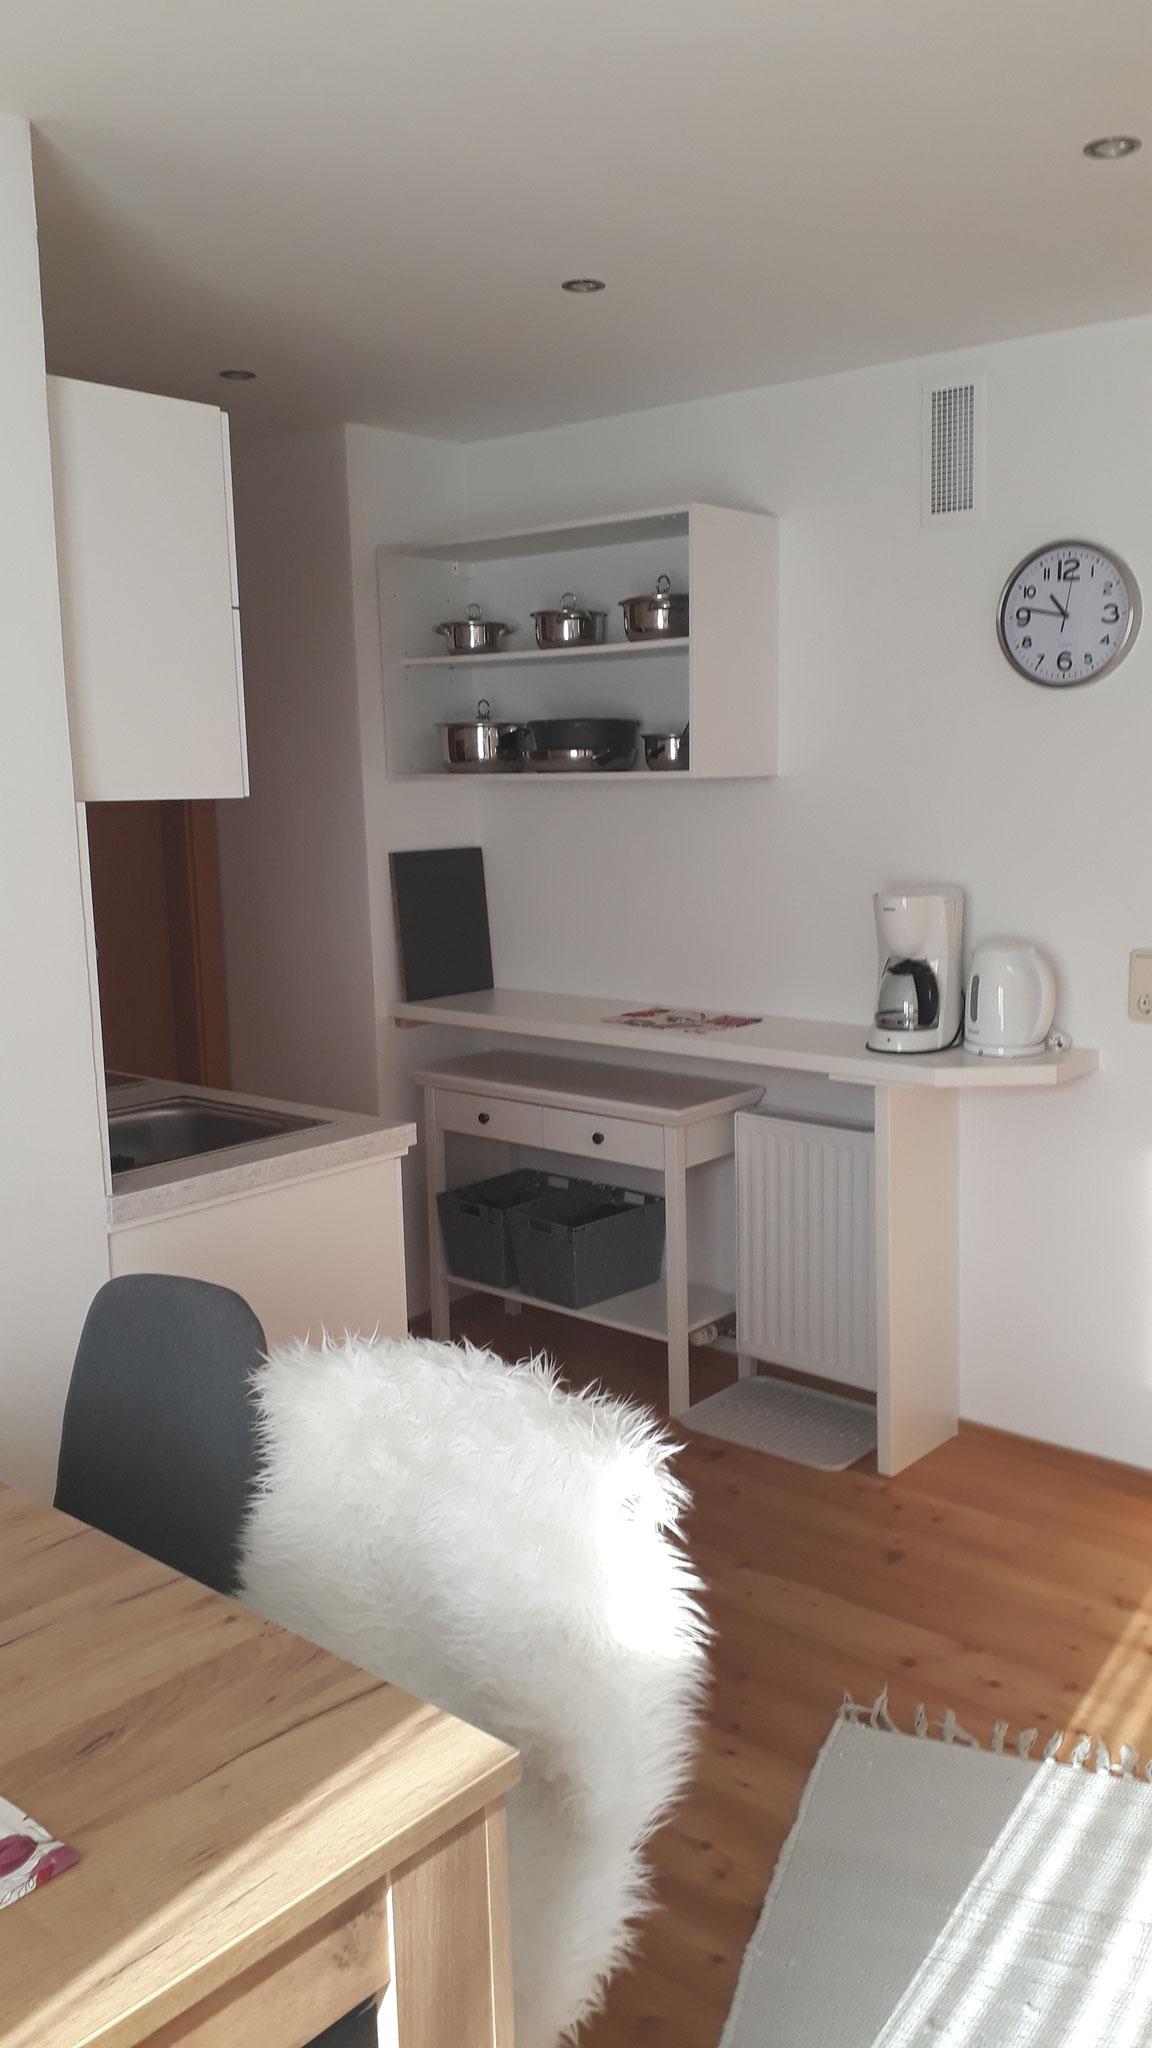 Wohnbeispiel - Küche